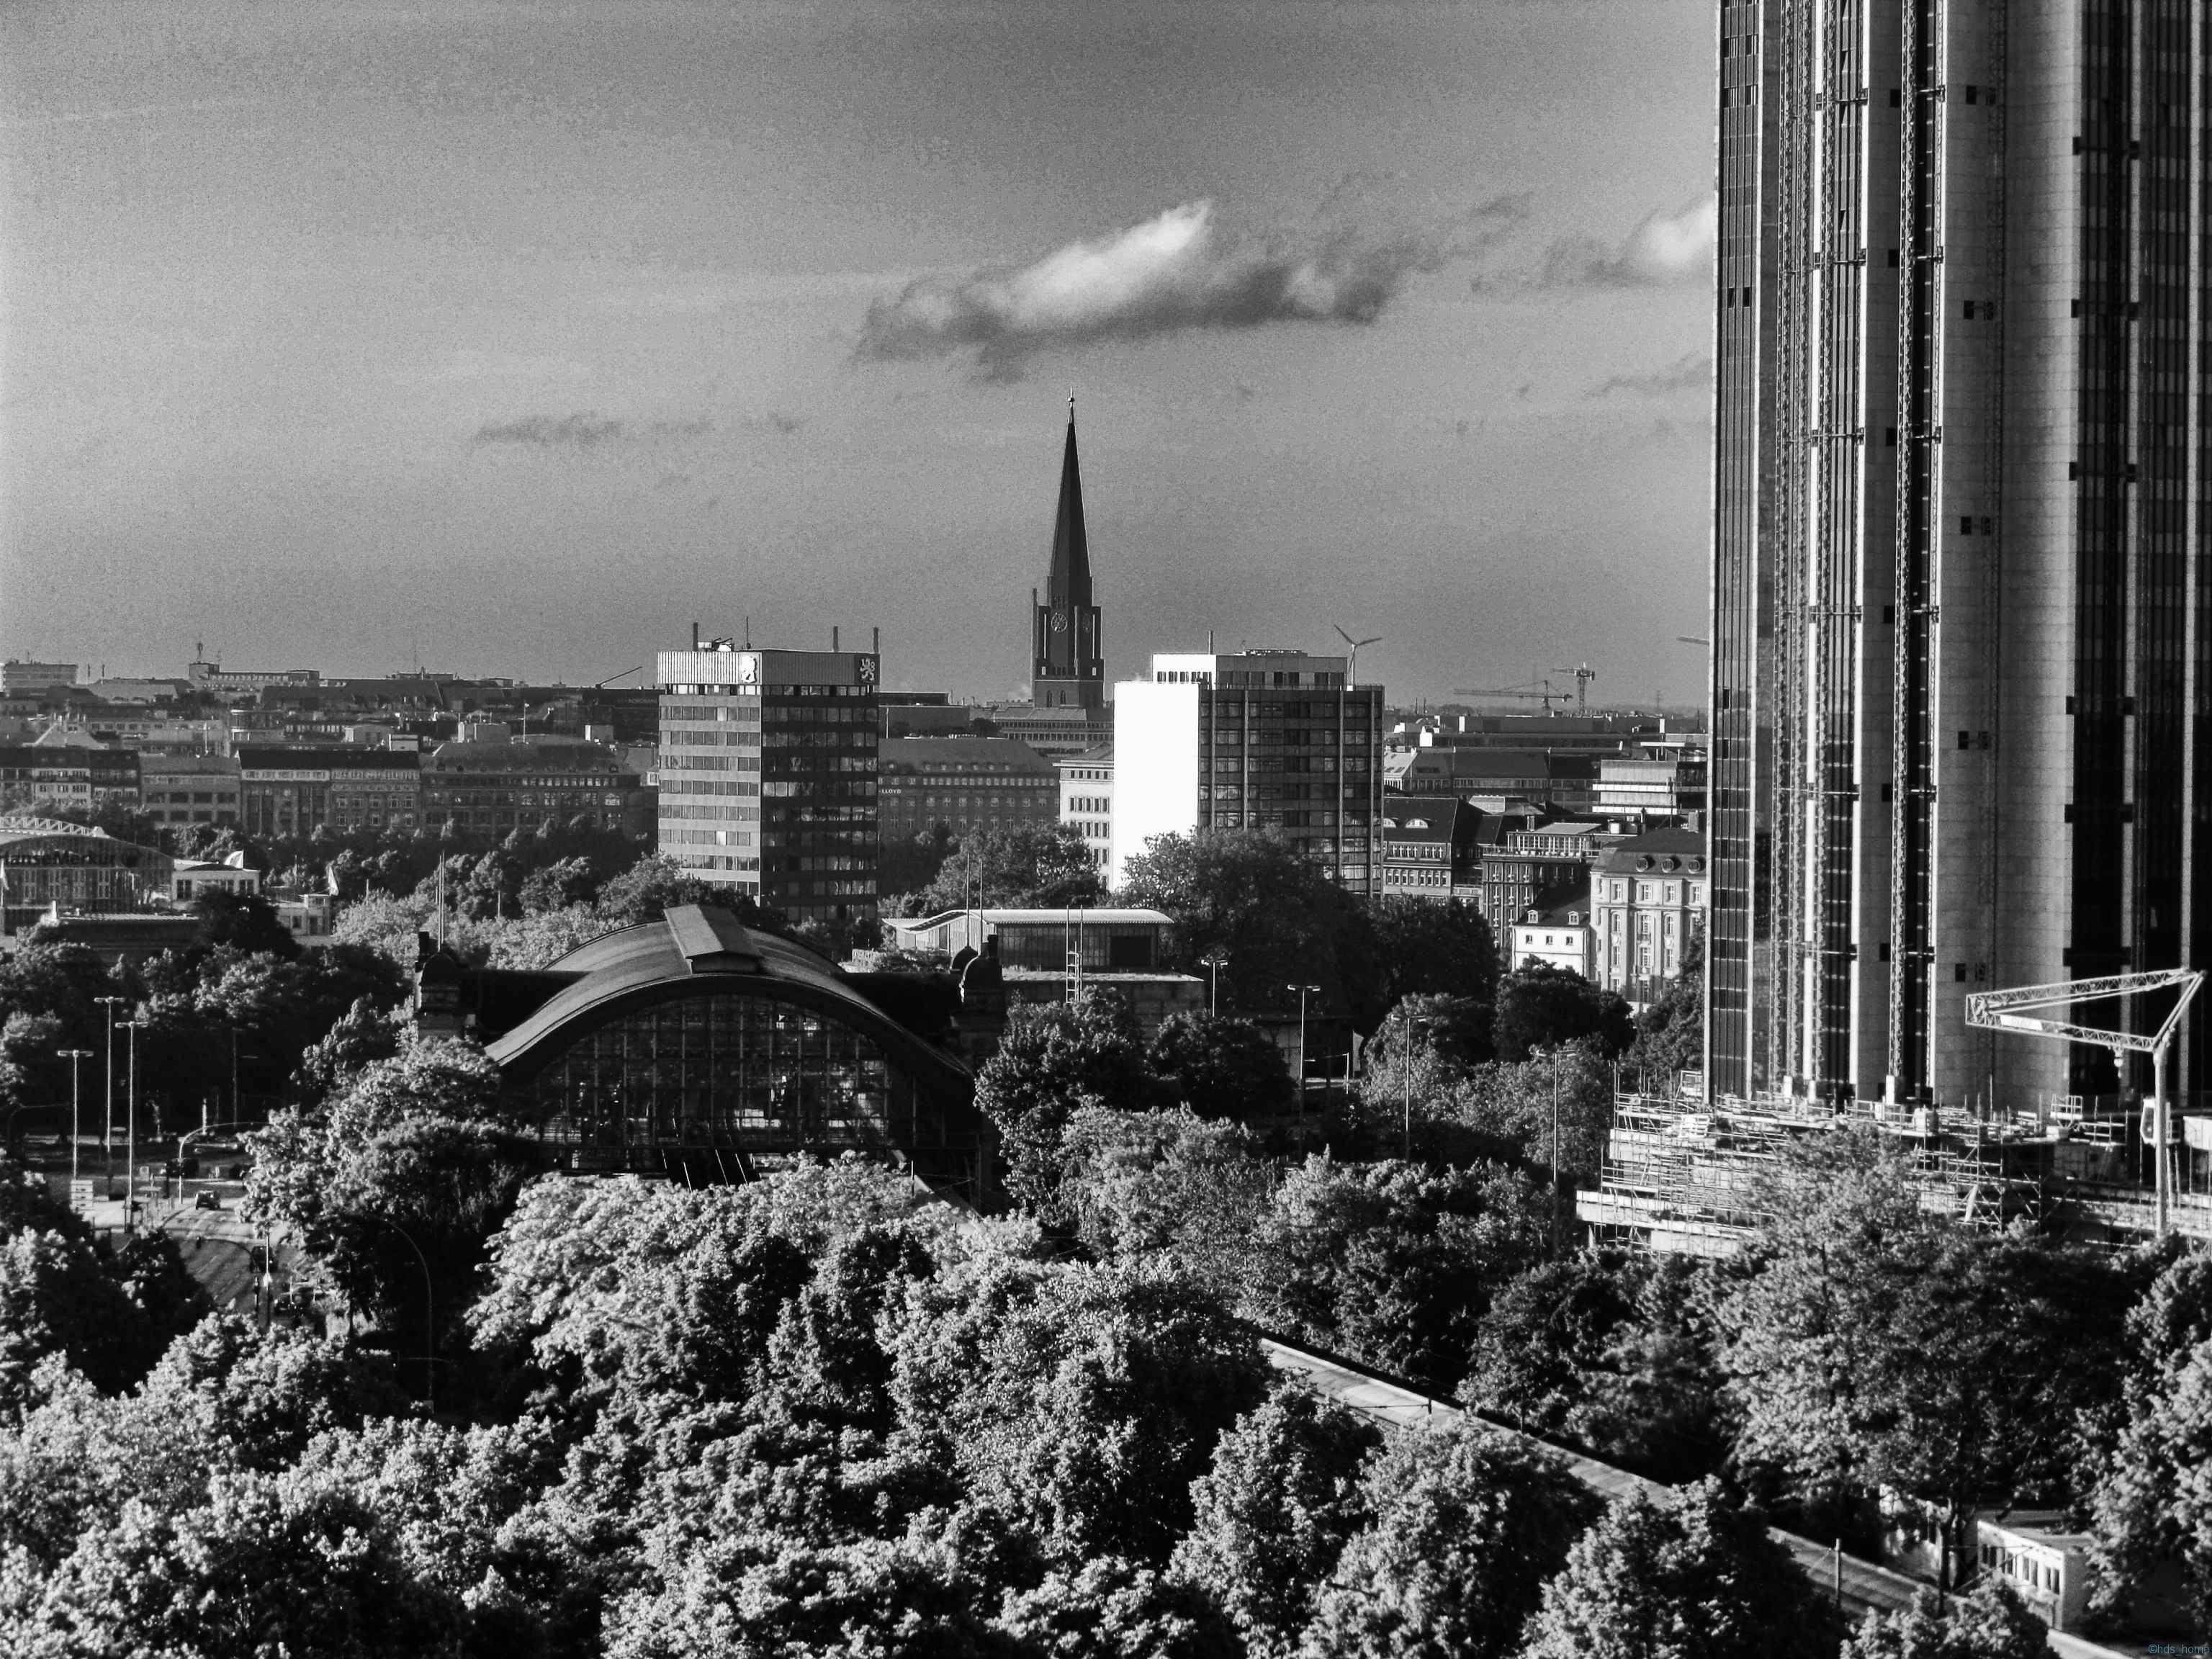 Vom Dach der SUB Hamburg,Nikon D700, sw, Nik Collection Silver Efex Pro